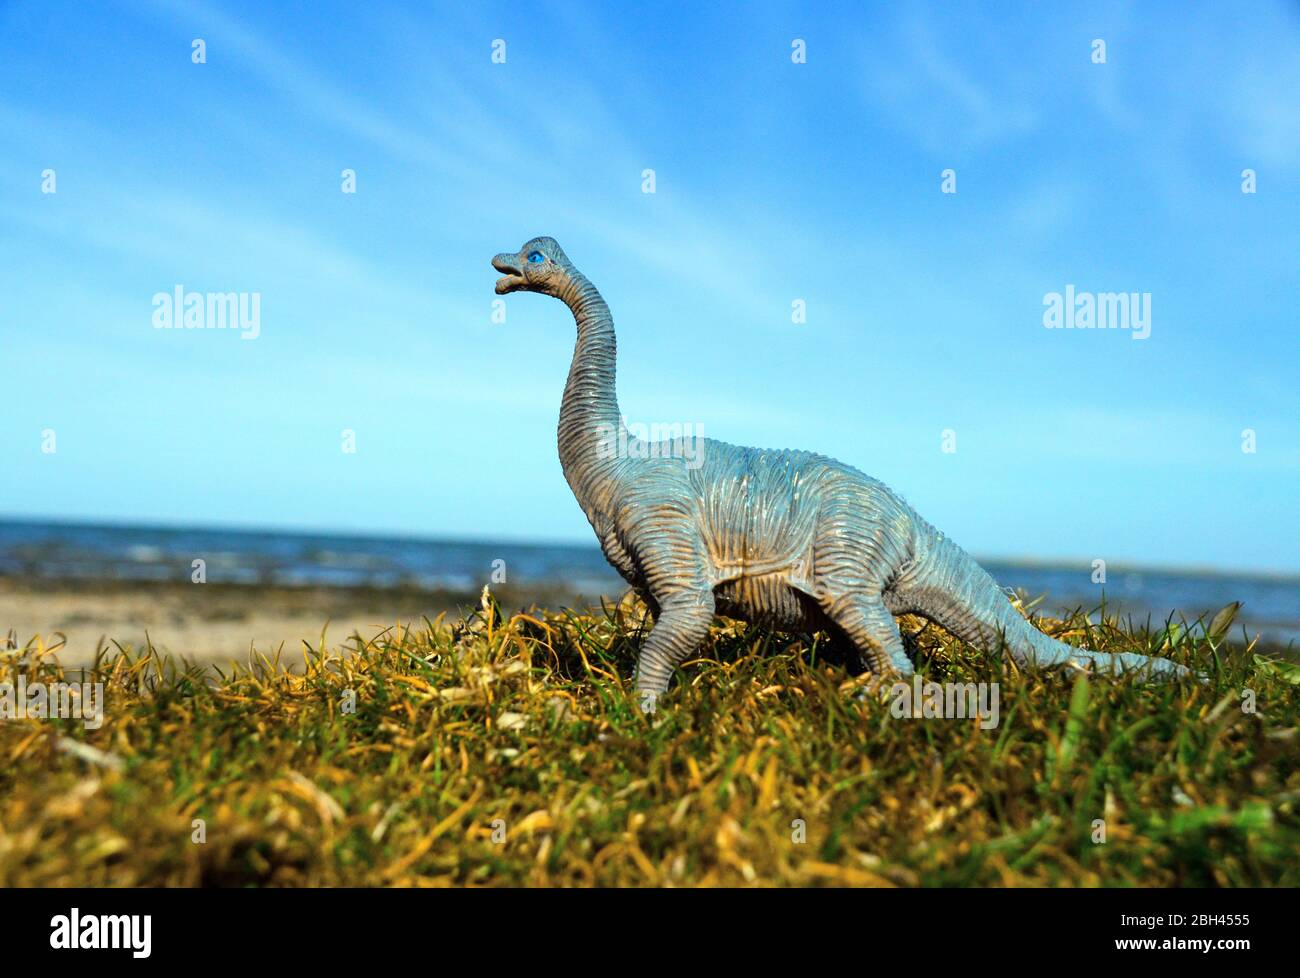 un dinosaure réplique jouet dans un cadre extérieur naturel. Banque D'Images